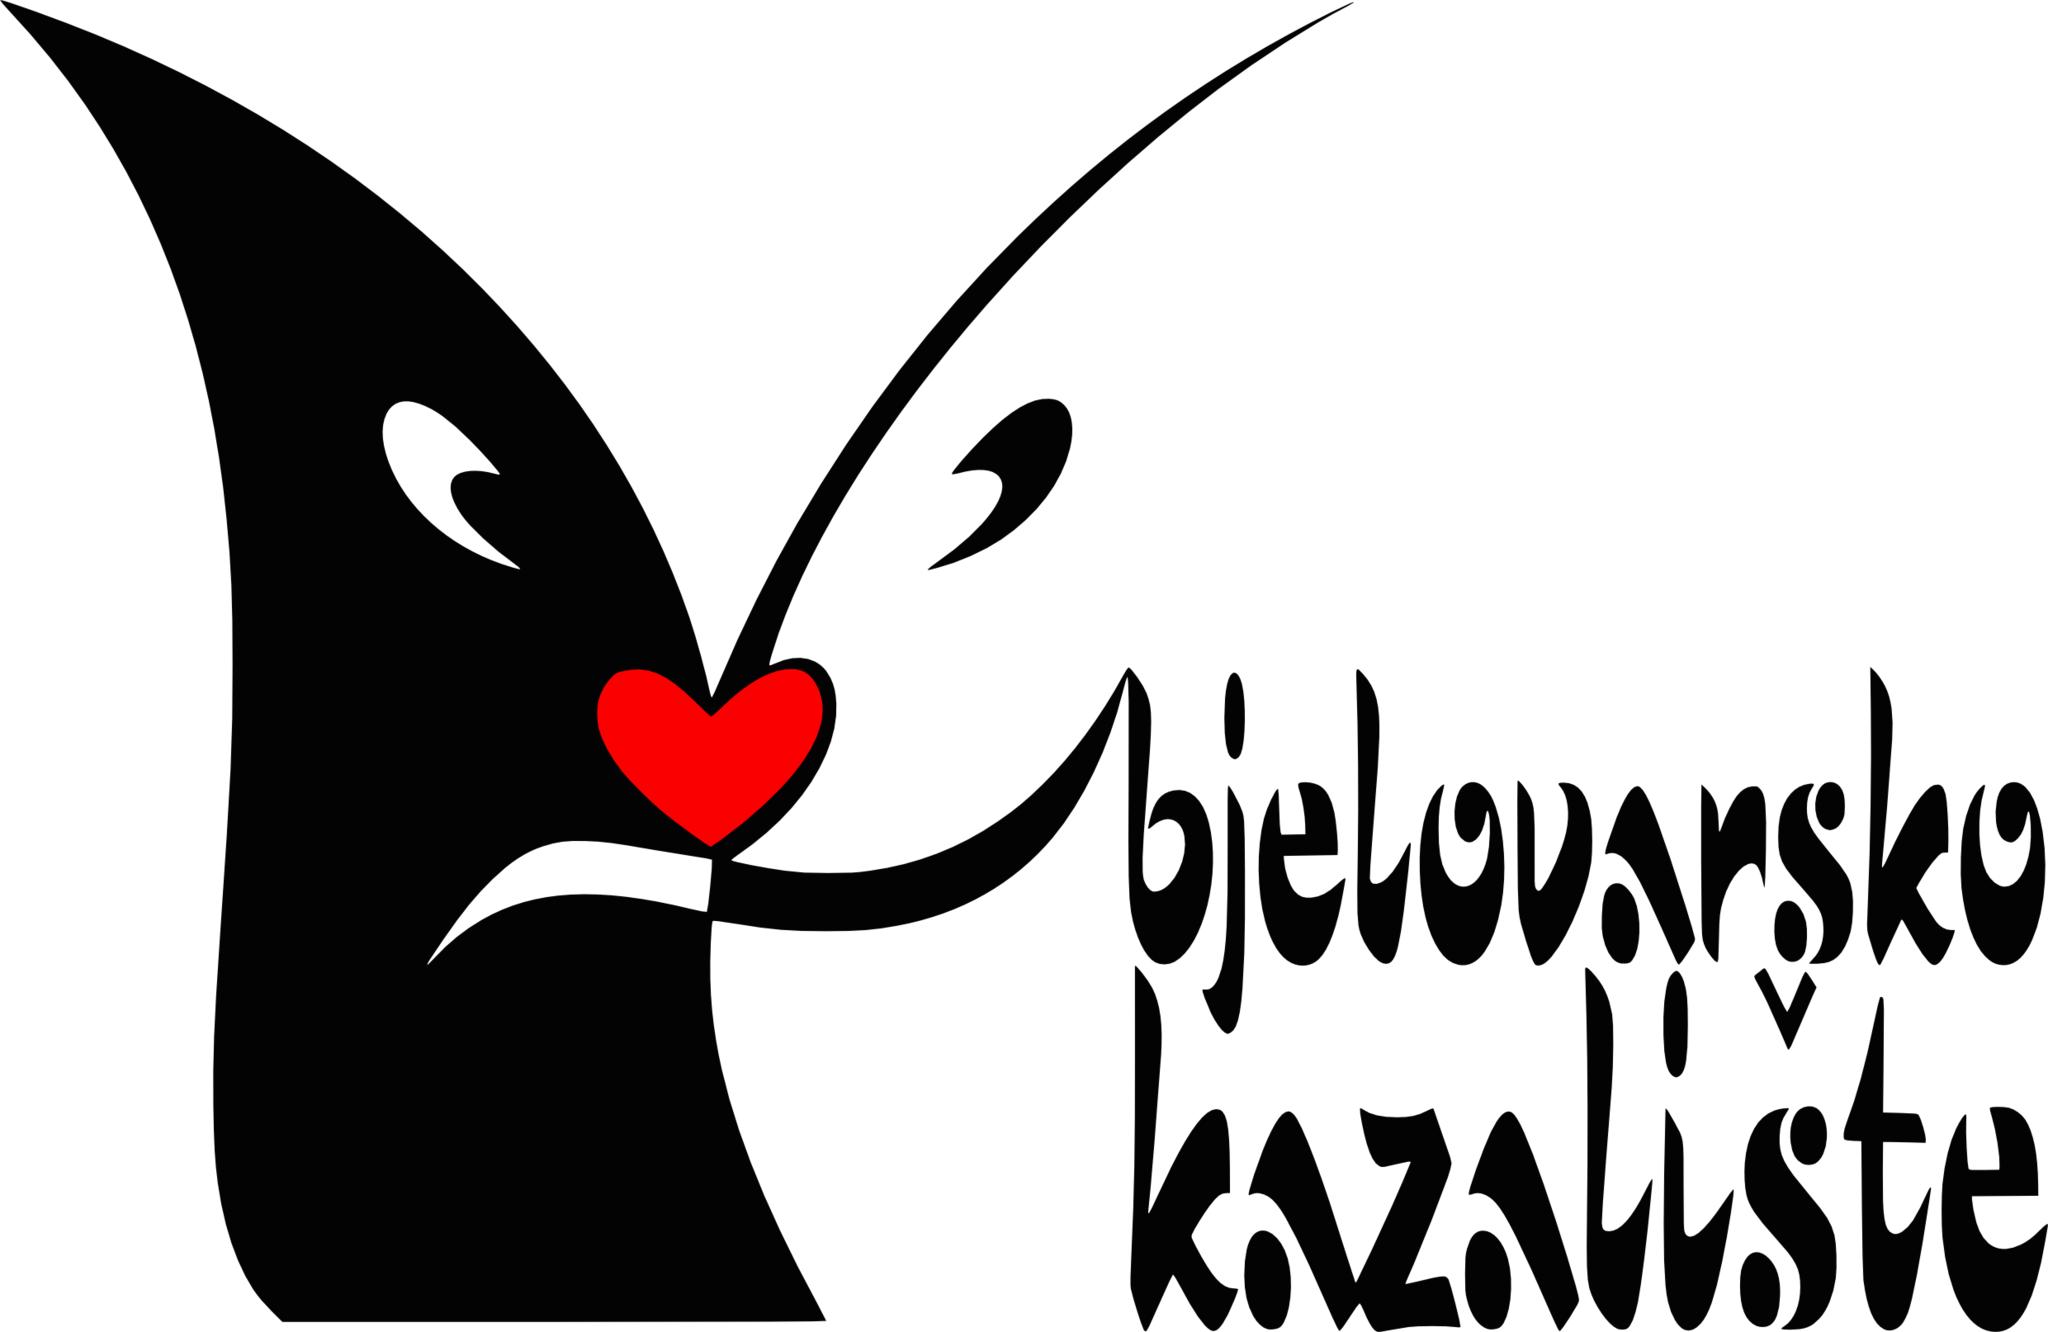 Bjelovarsko kazaliste